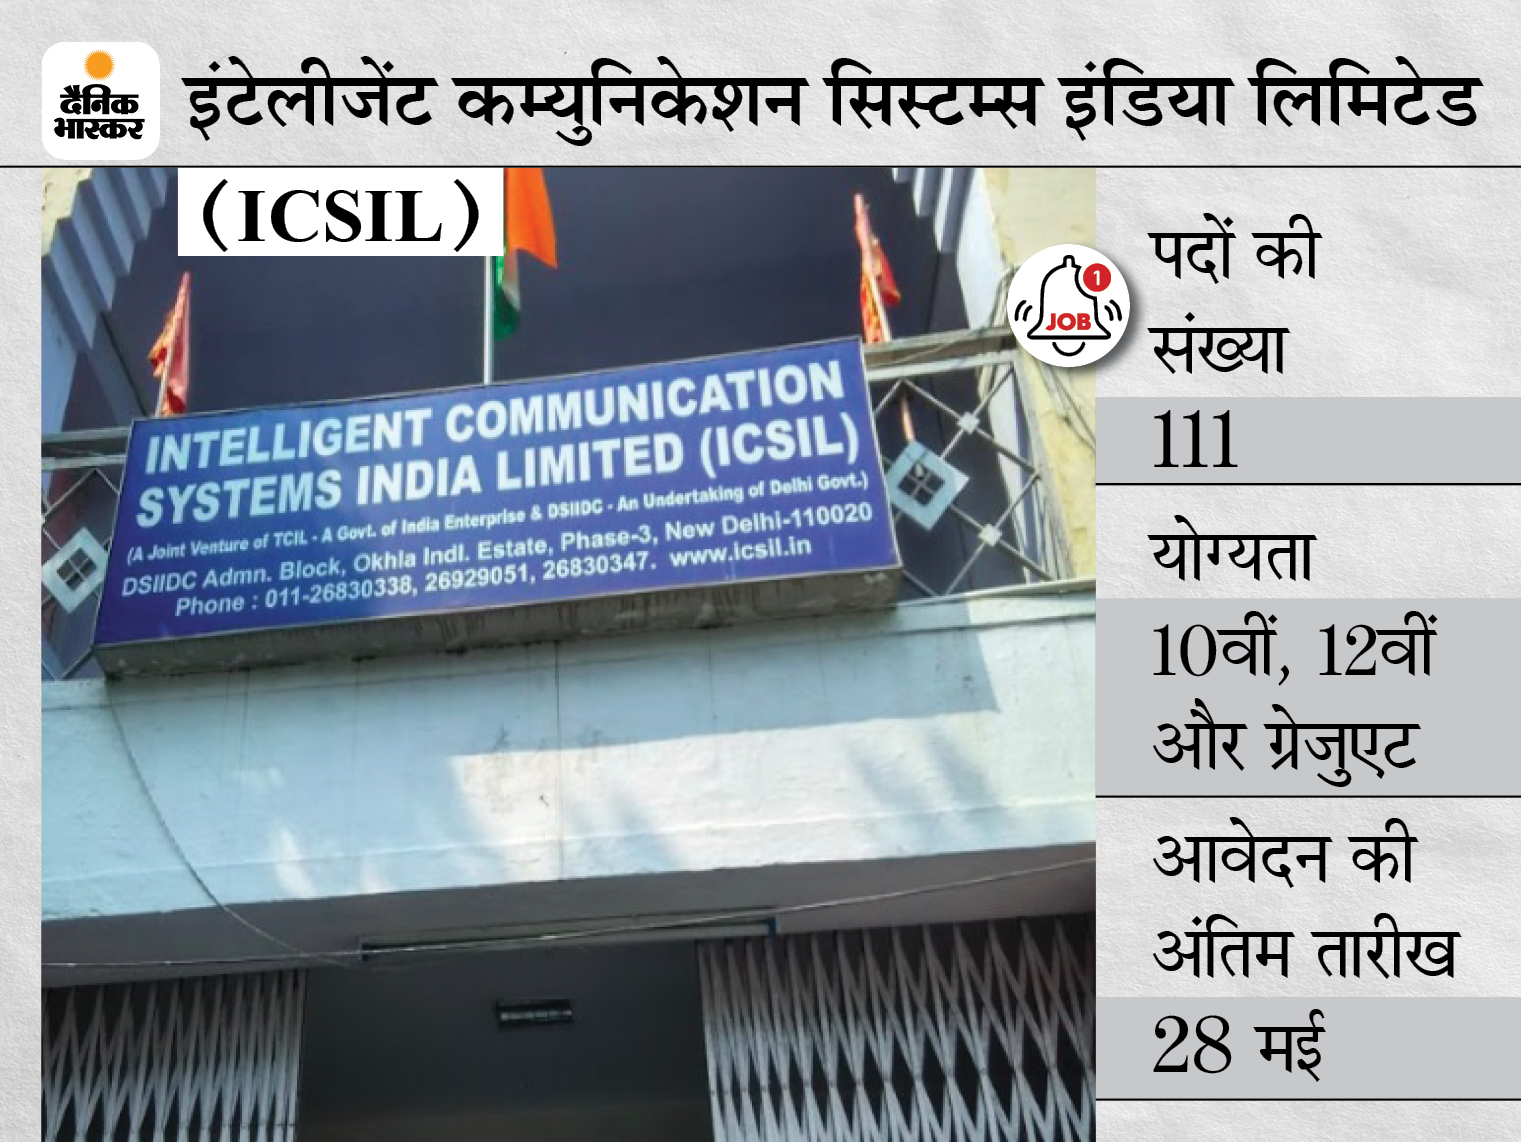 इंटेलीजेंट कम्युनिकेशन सिस्टम्स इंडिया ने ड्राइवर समेत 111 पदों पर भर्ती के लिए जारी किया नोटिफिकेशन, 28 मई तक ऑनलाइन करें अप्लाई|करिअर,Career - Dainik Bhaskar